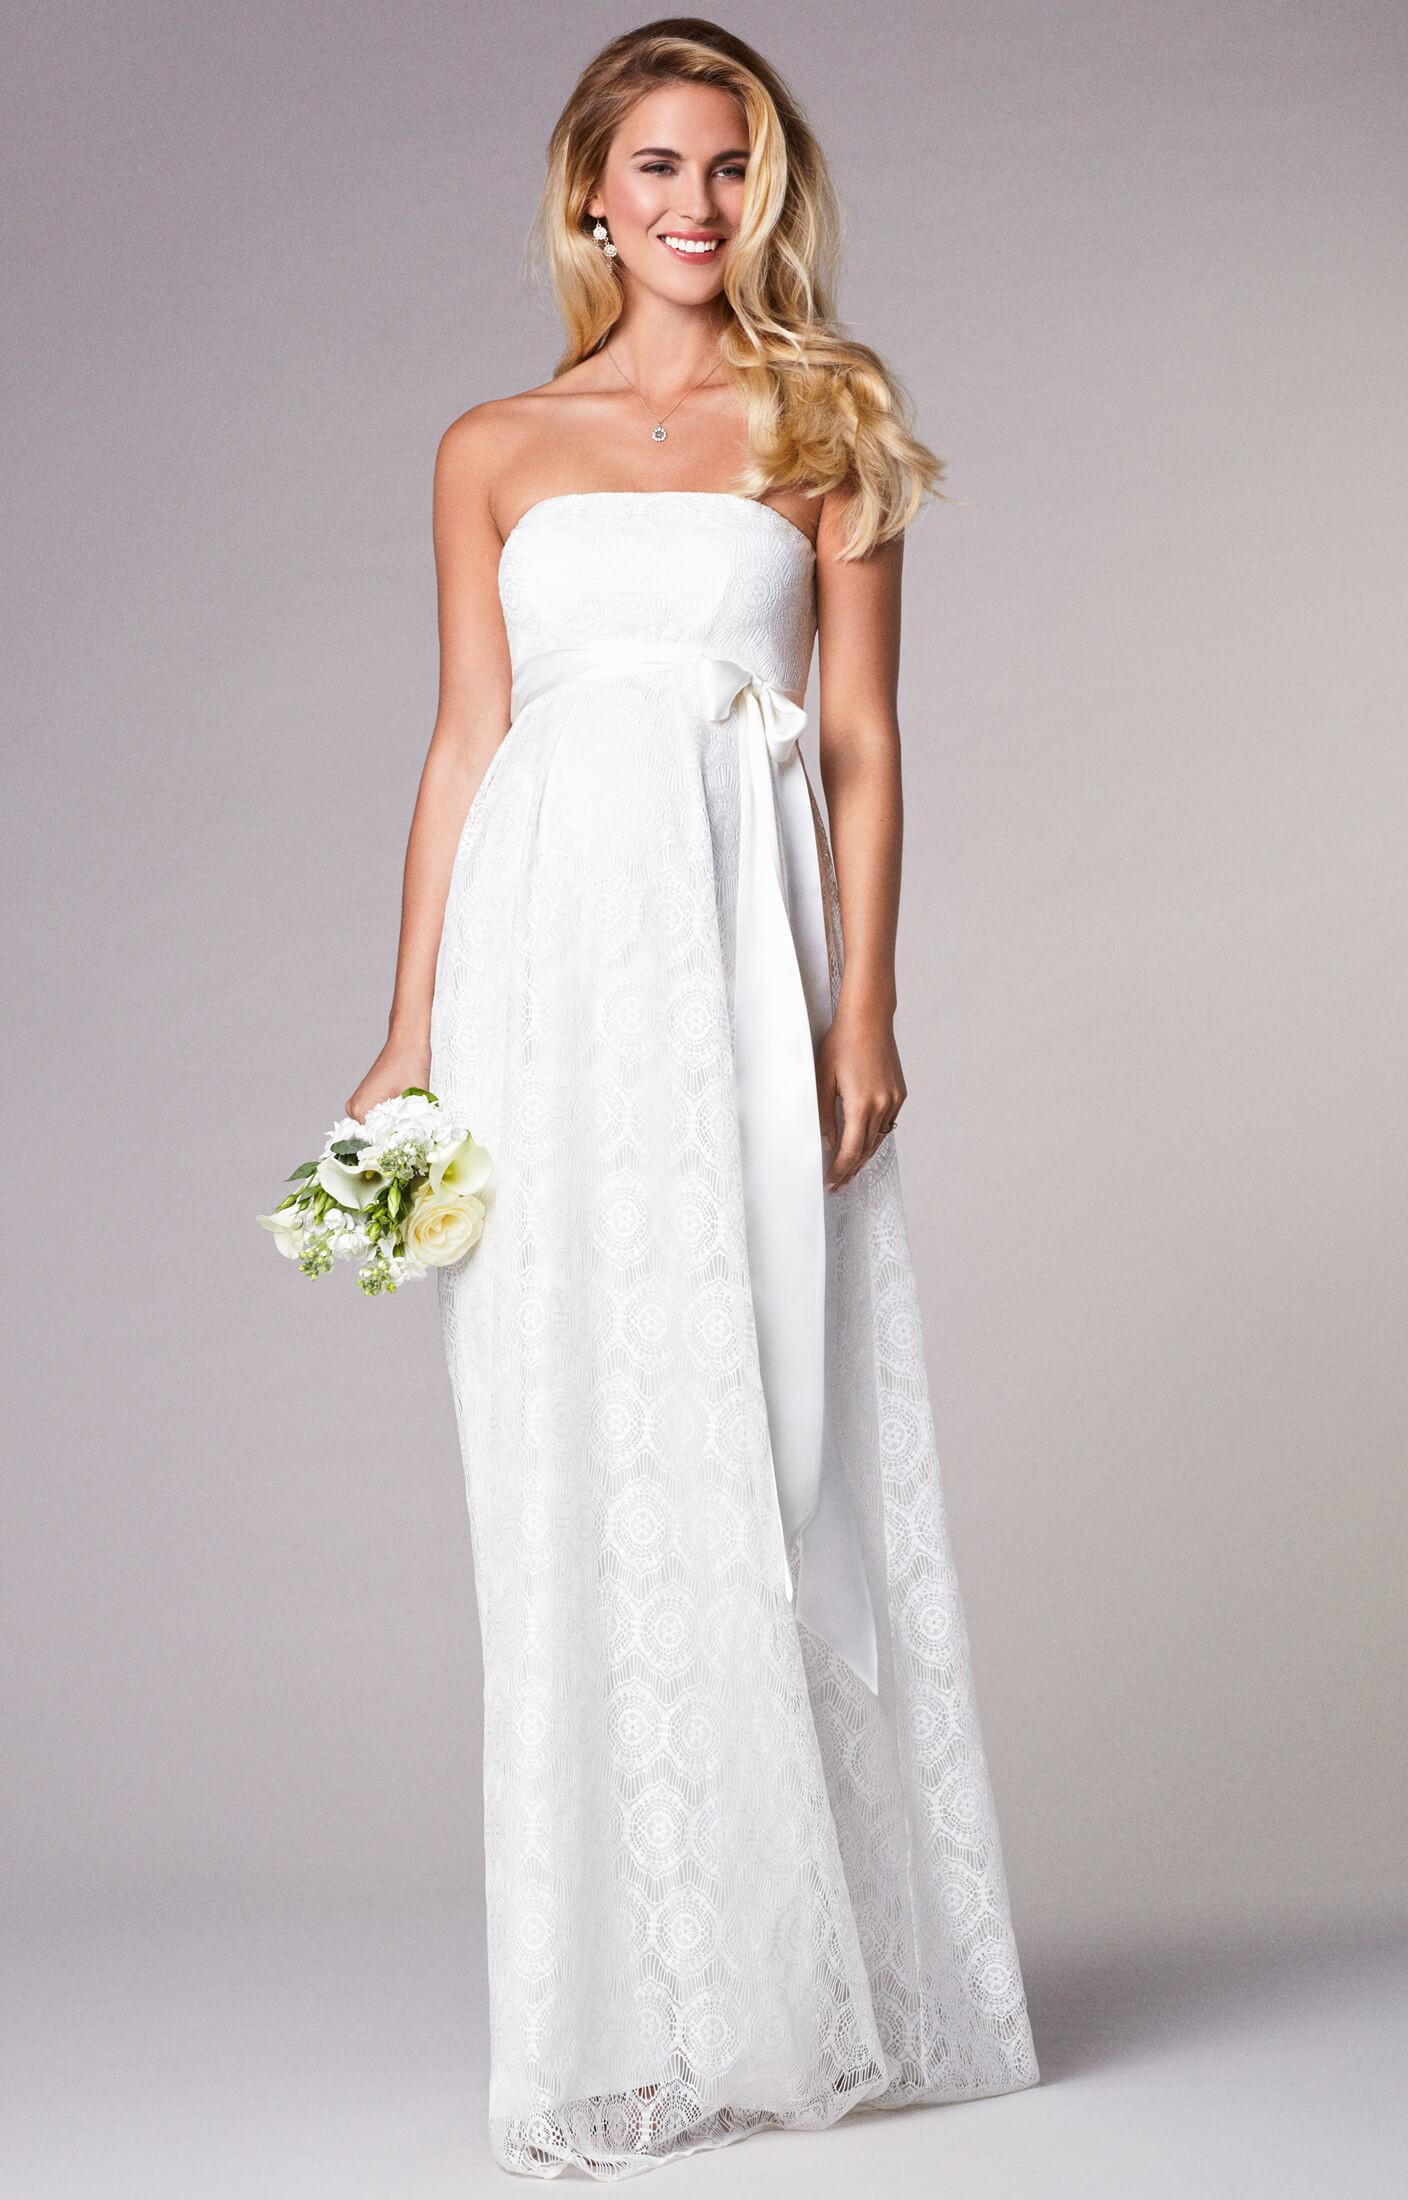 Umstands Hochzeitskleid  Liara Umstands Hochzeitskleid lang in Elfenbein